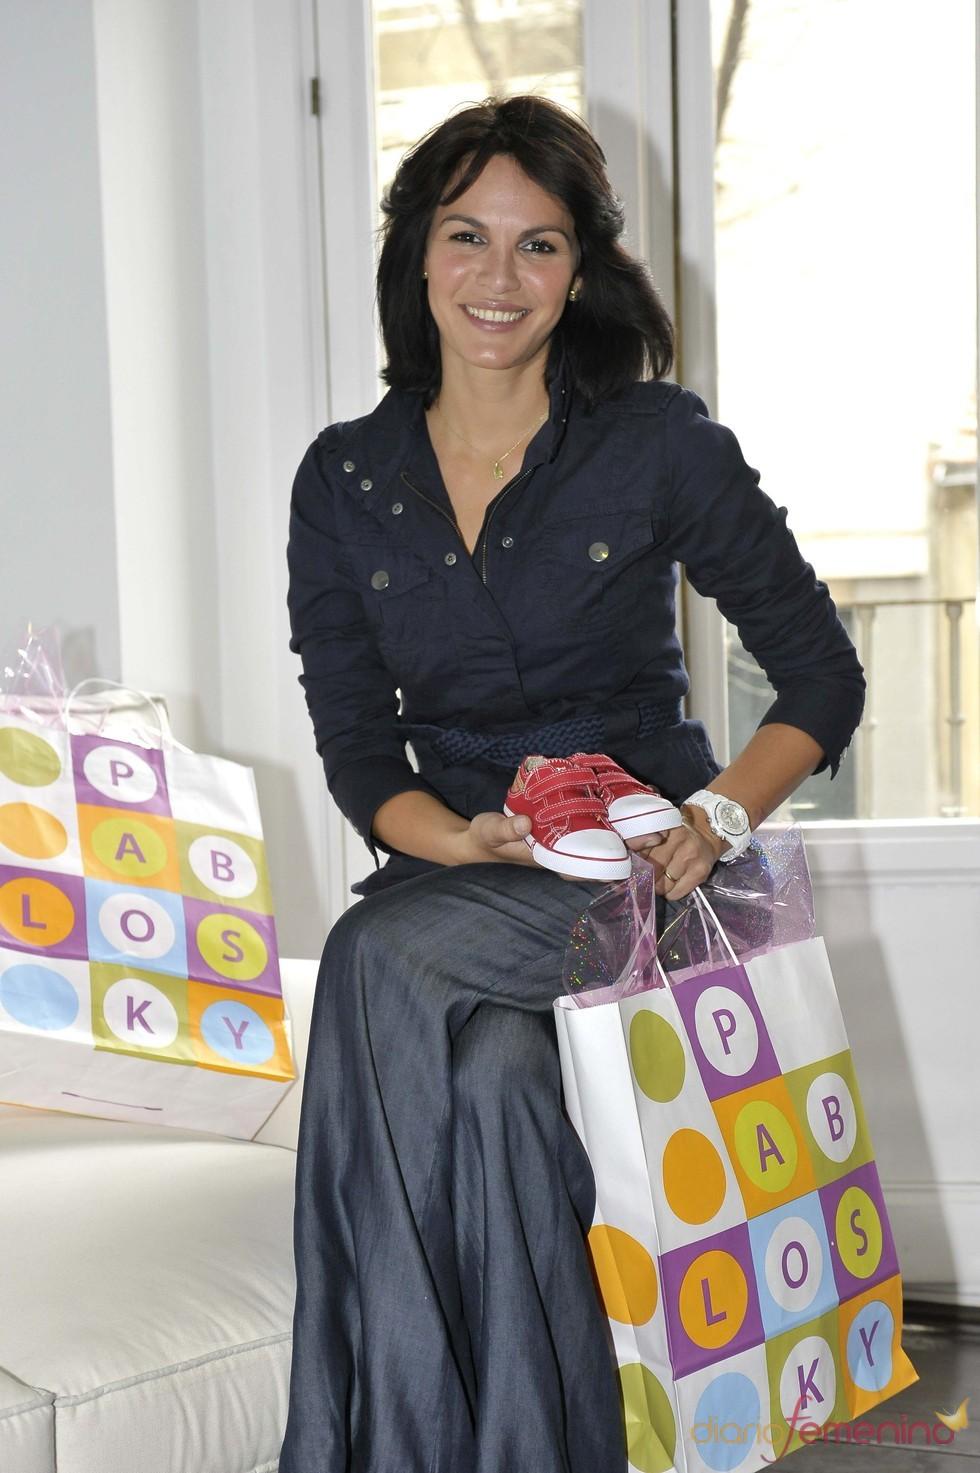 Fabiola Martínez, imagen de la nueva colección de Pablosky